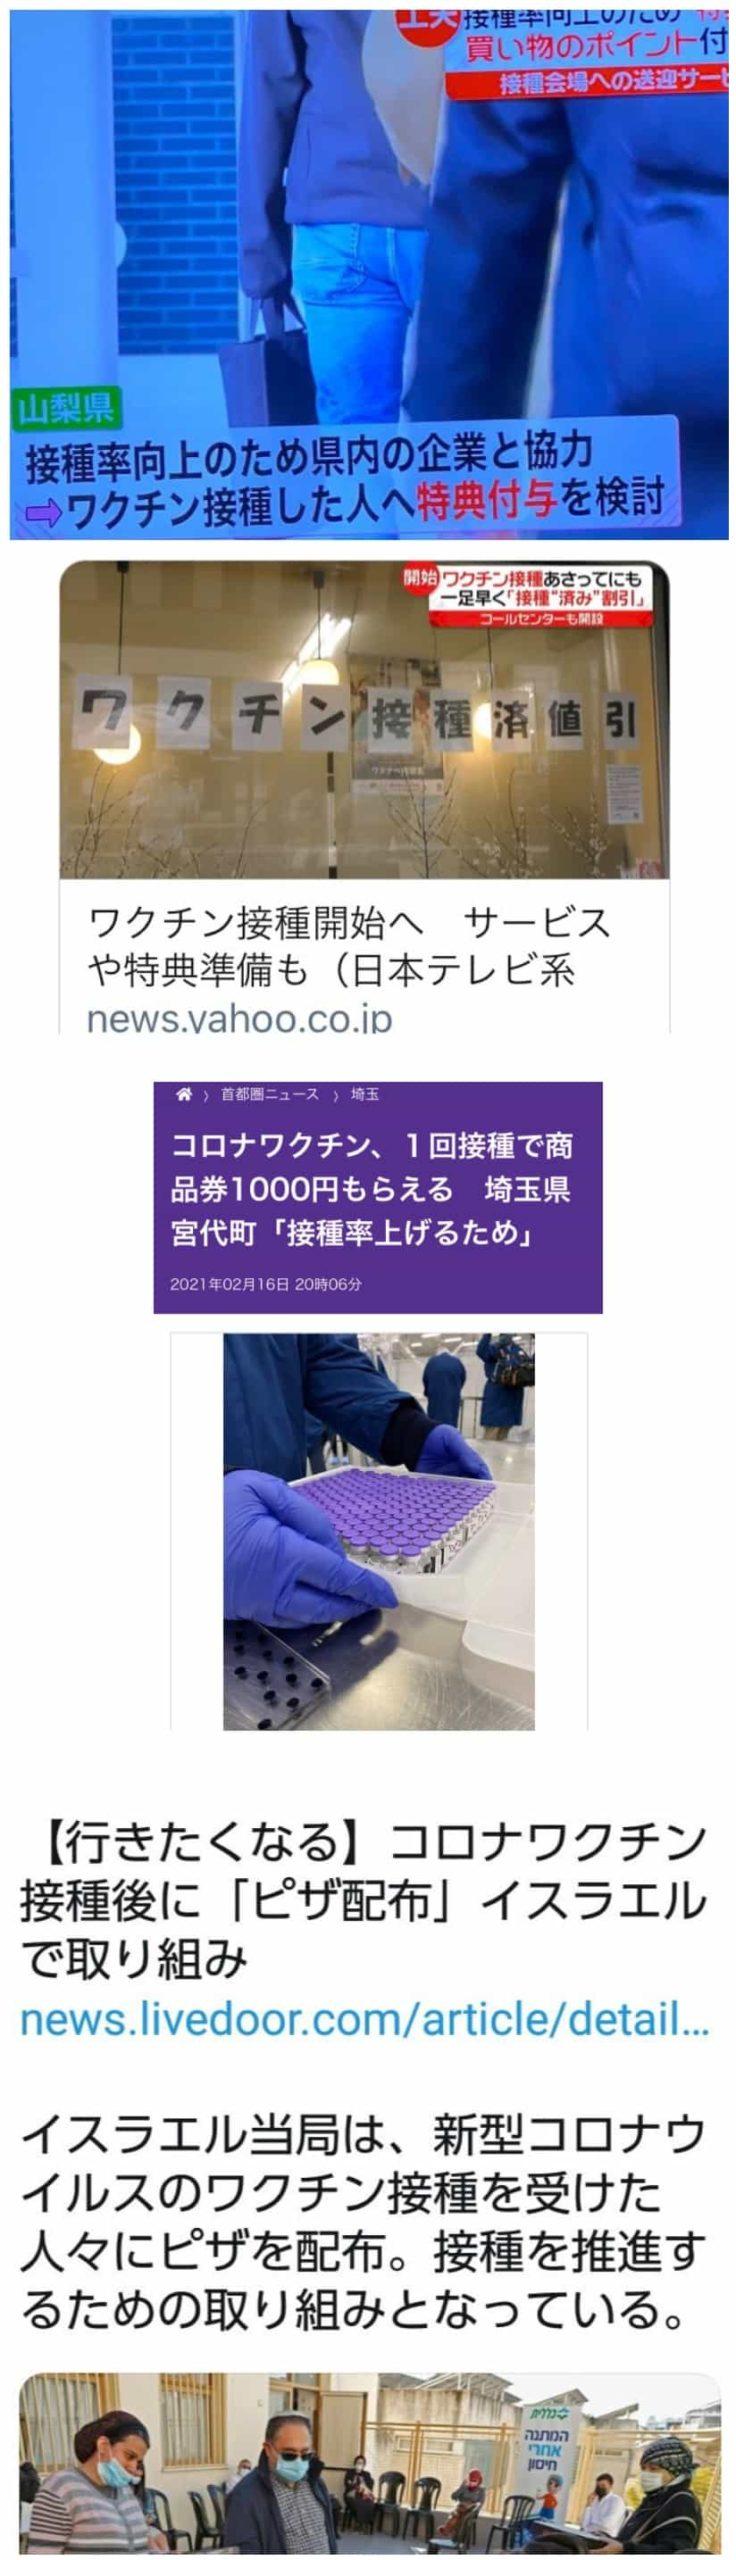 【コロナワクチンキャンペーン】特典が本当にお得なのかどうか、接種した人の情報から比較してみる